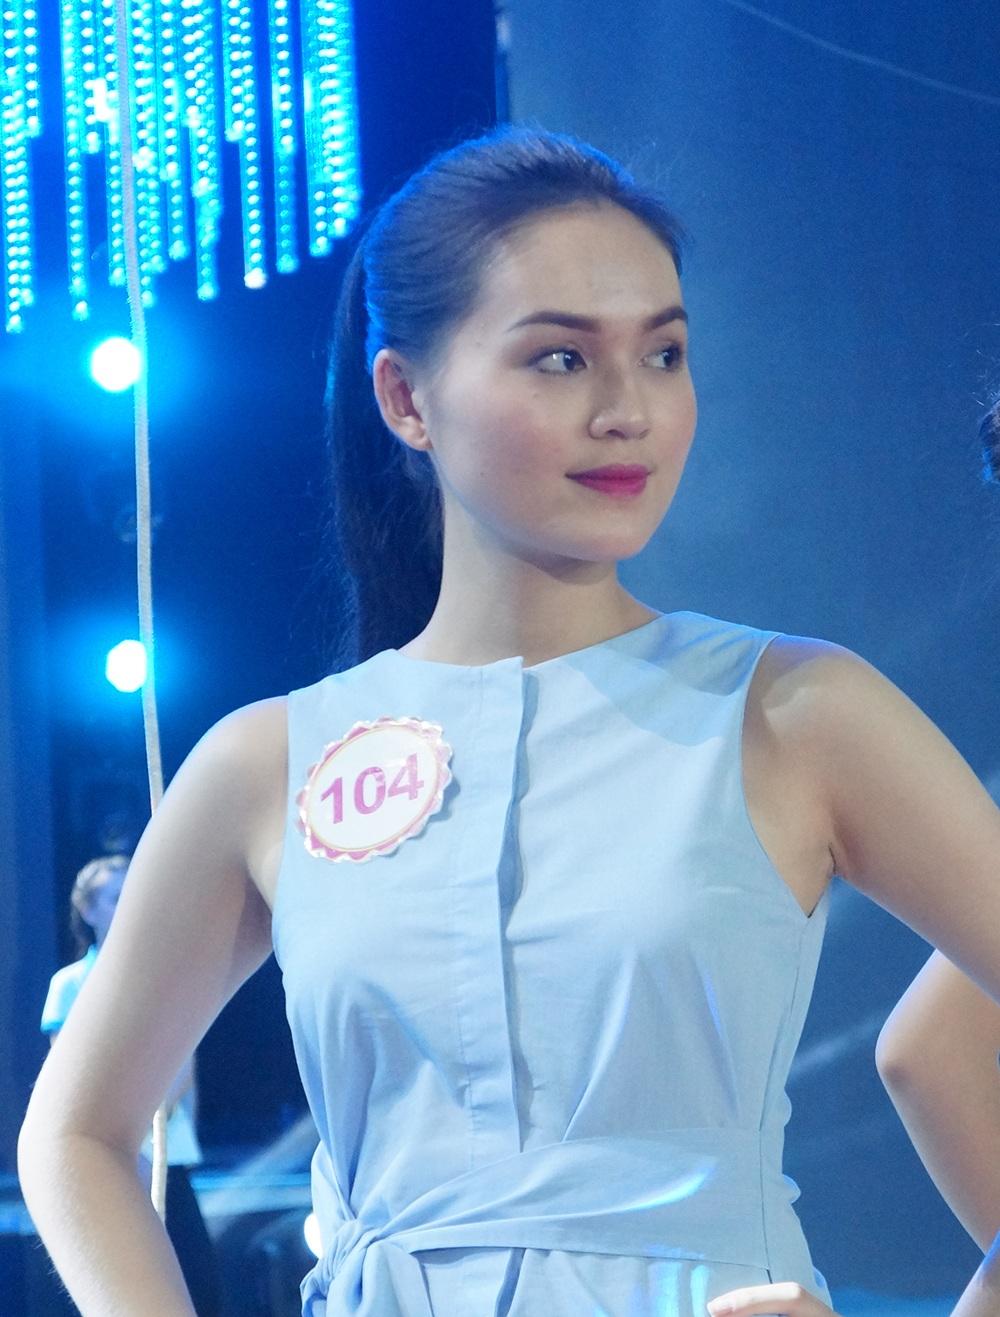 Bật mí sân khấu tiền tỷ của Chung kết Hoa hậu Việt Nam 2016 - 9